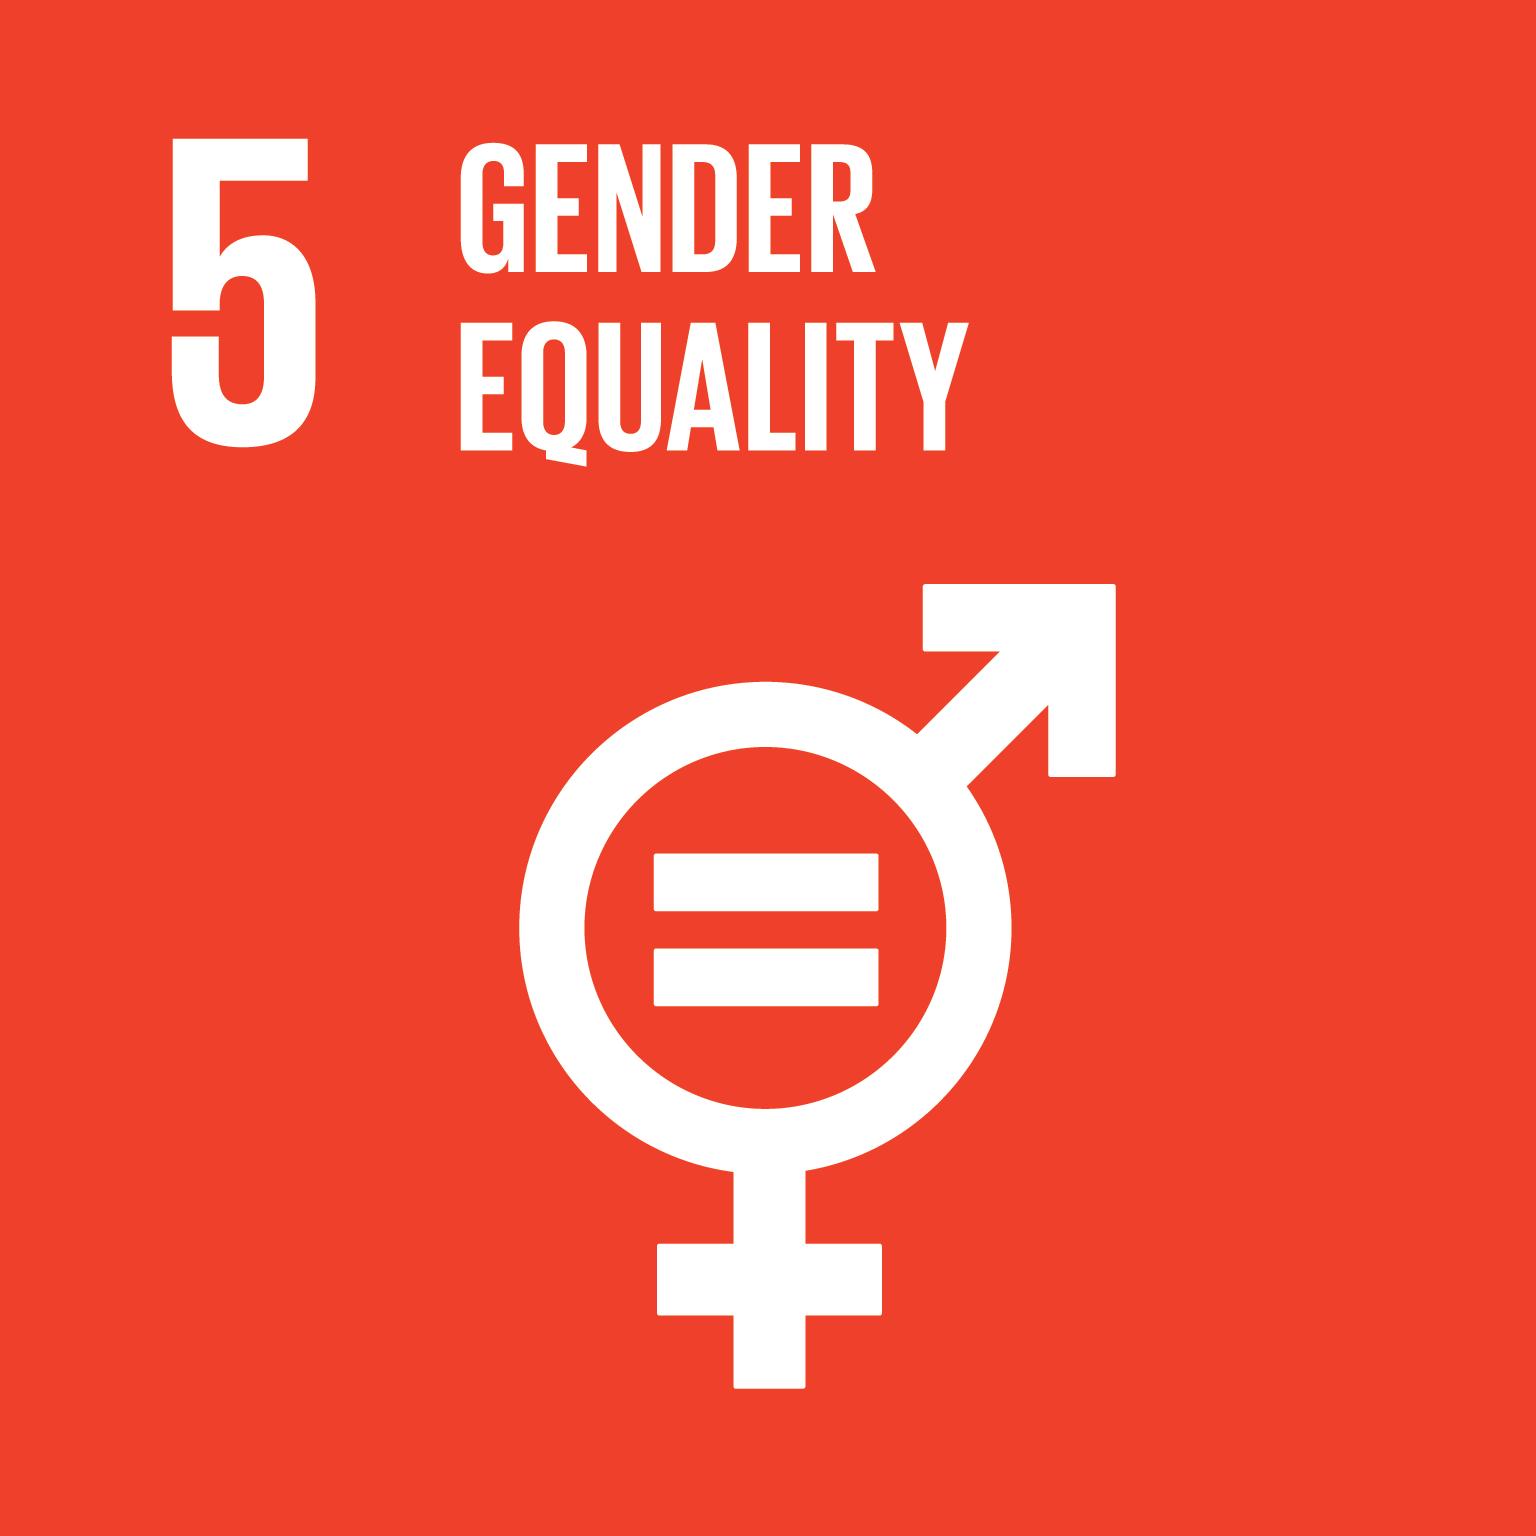 SDG Gender Equality